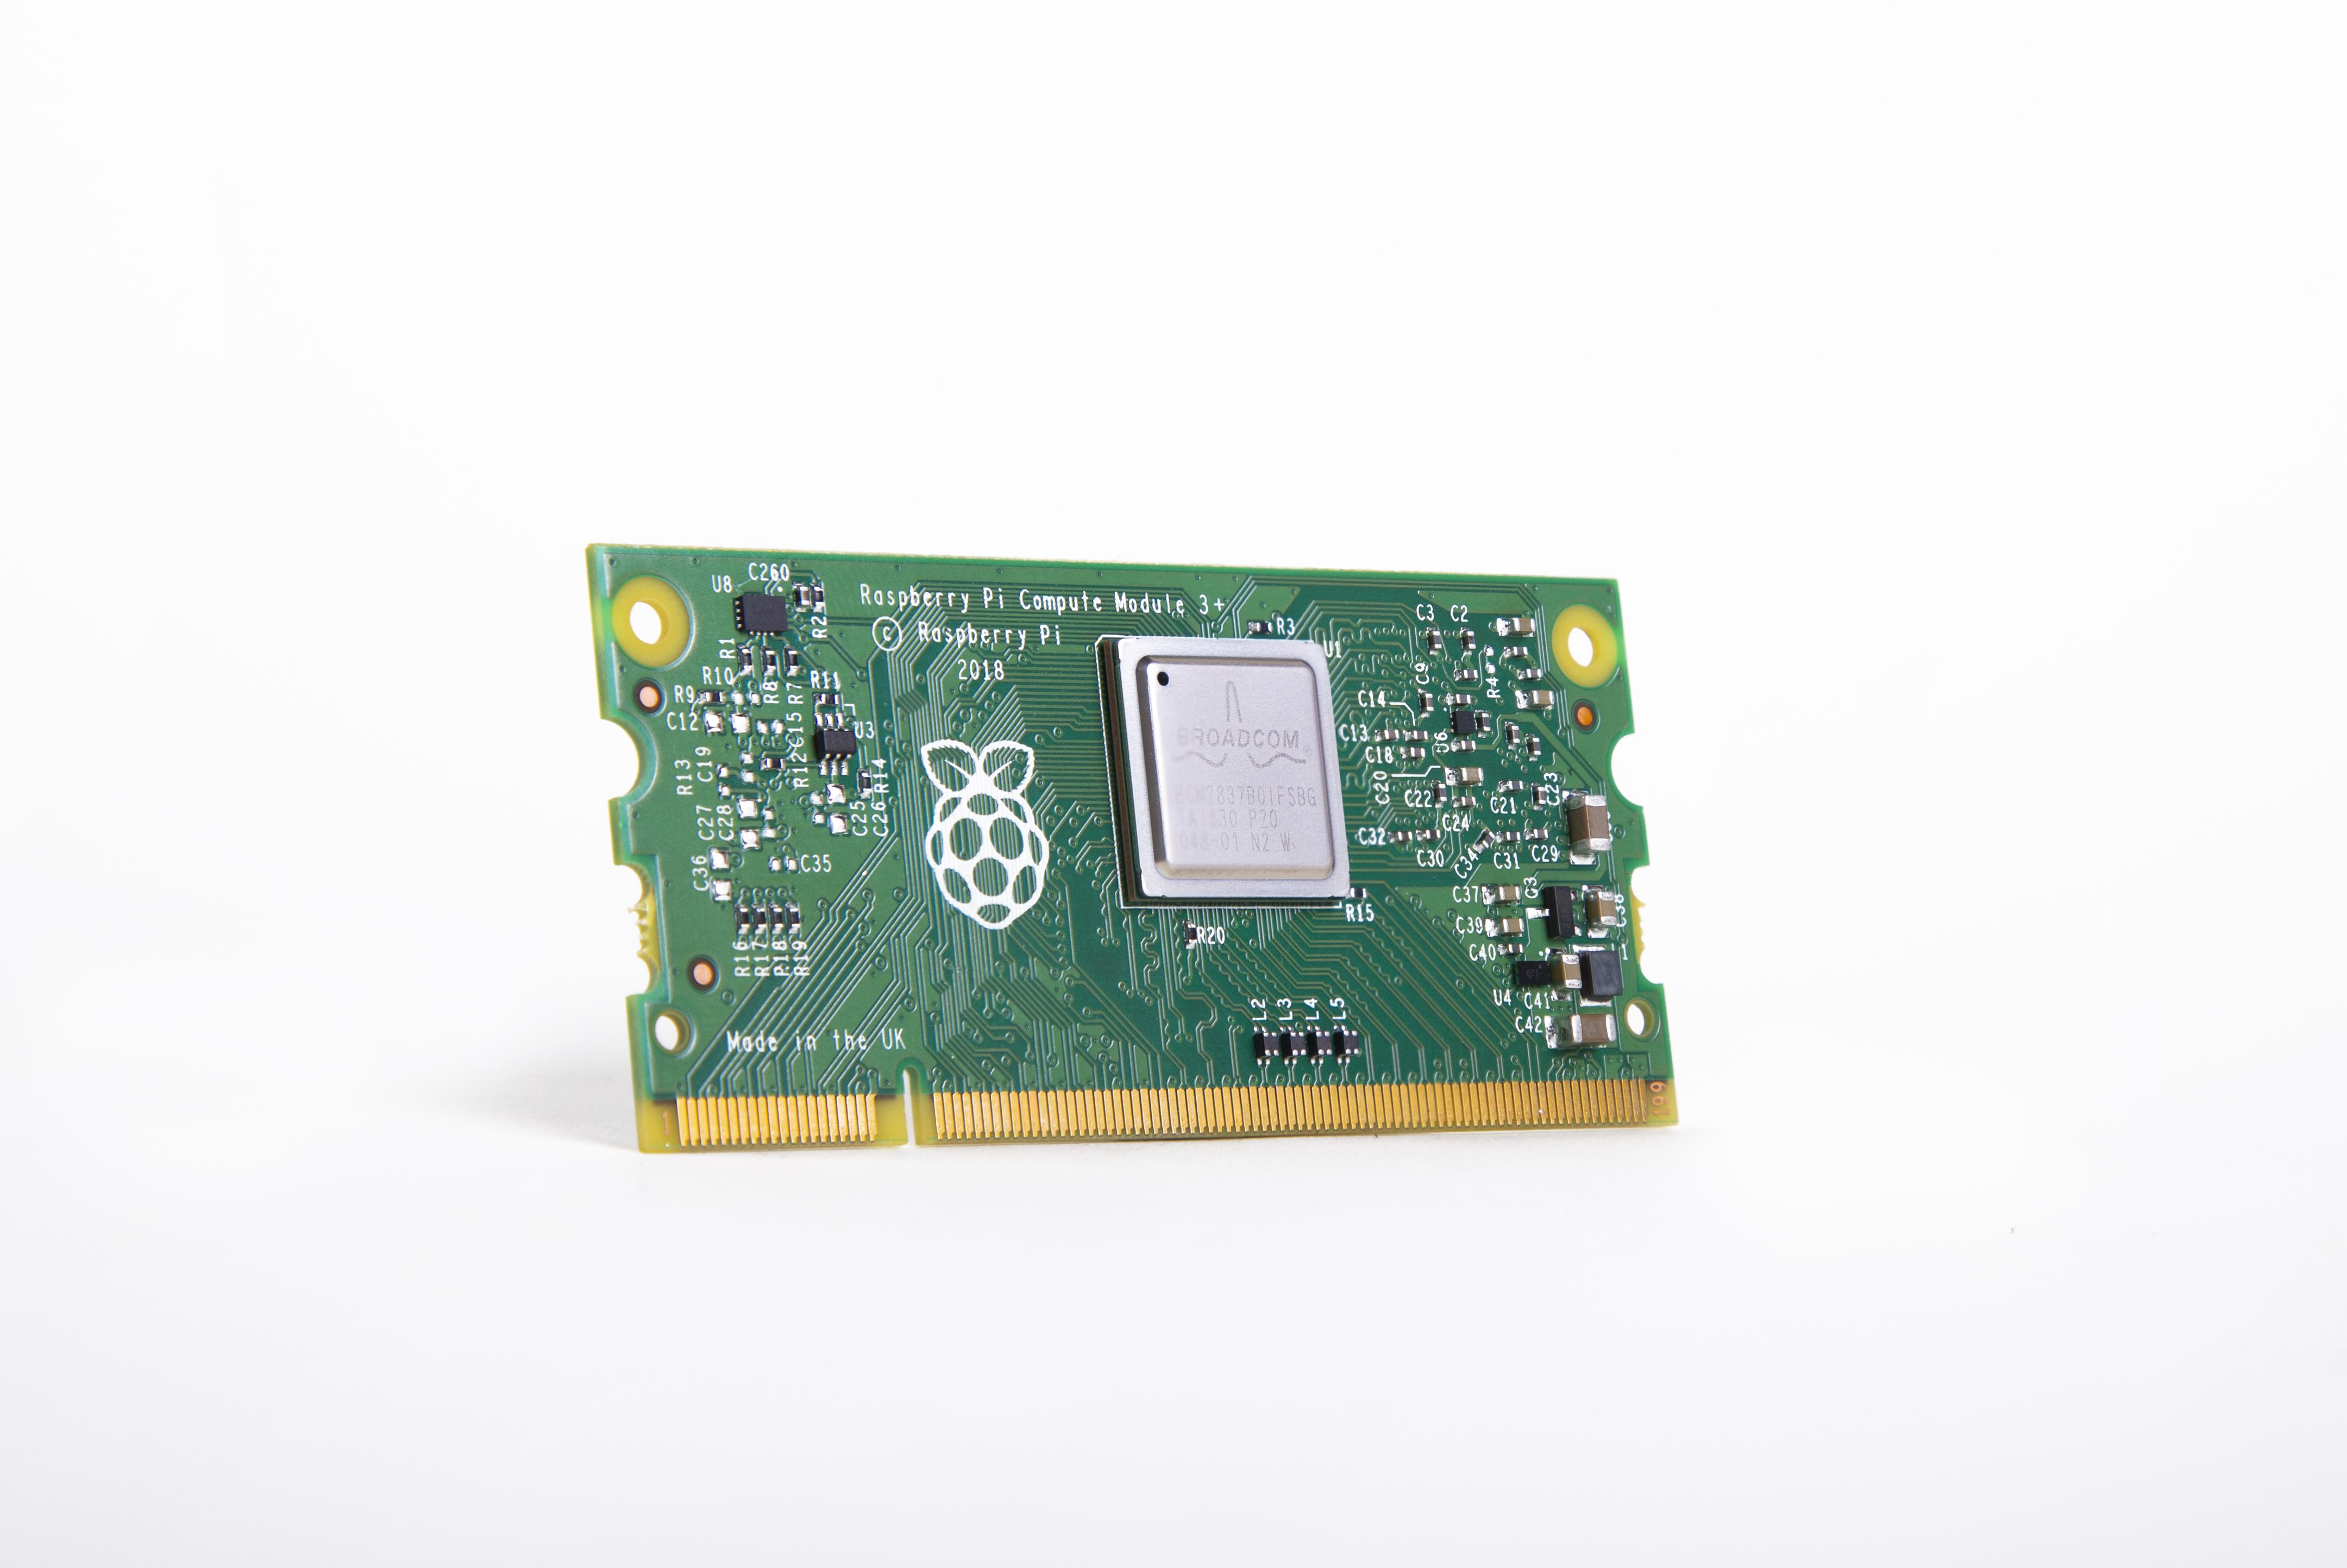 MODULO ELABORAZIONERASPBERRY PI 3+ 32GB